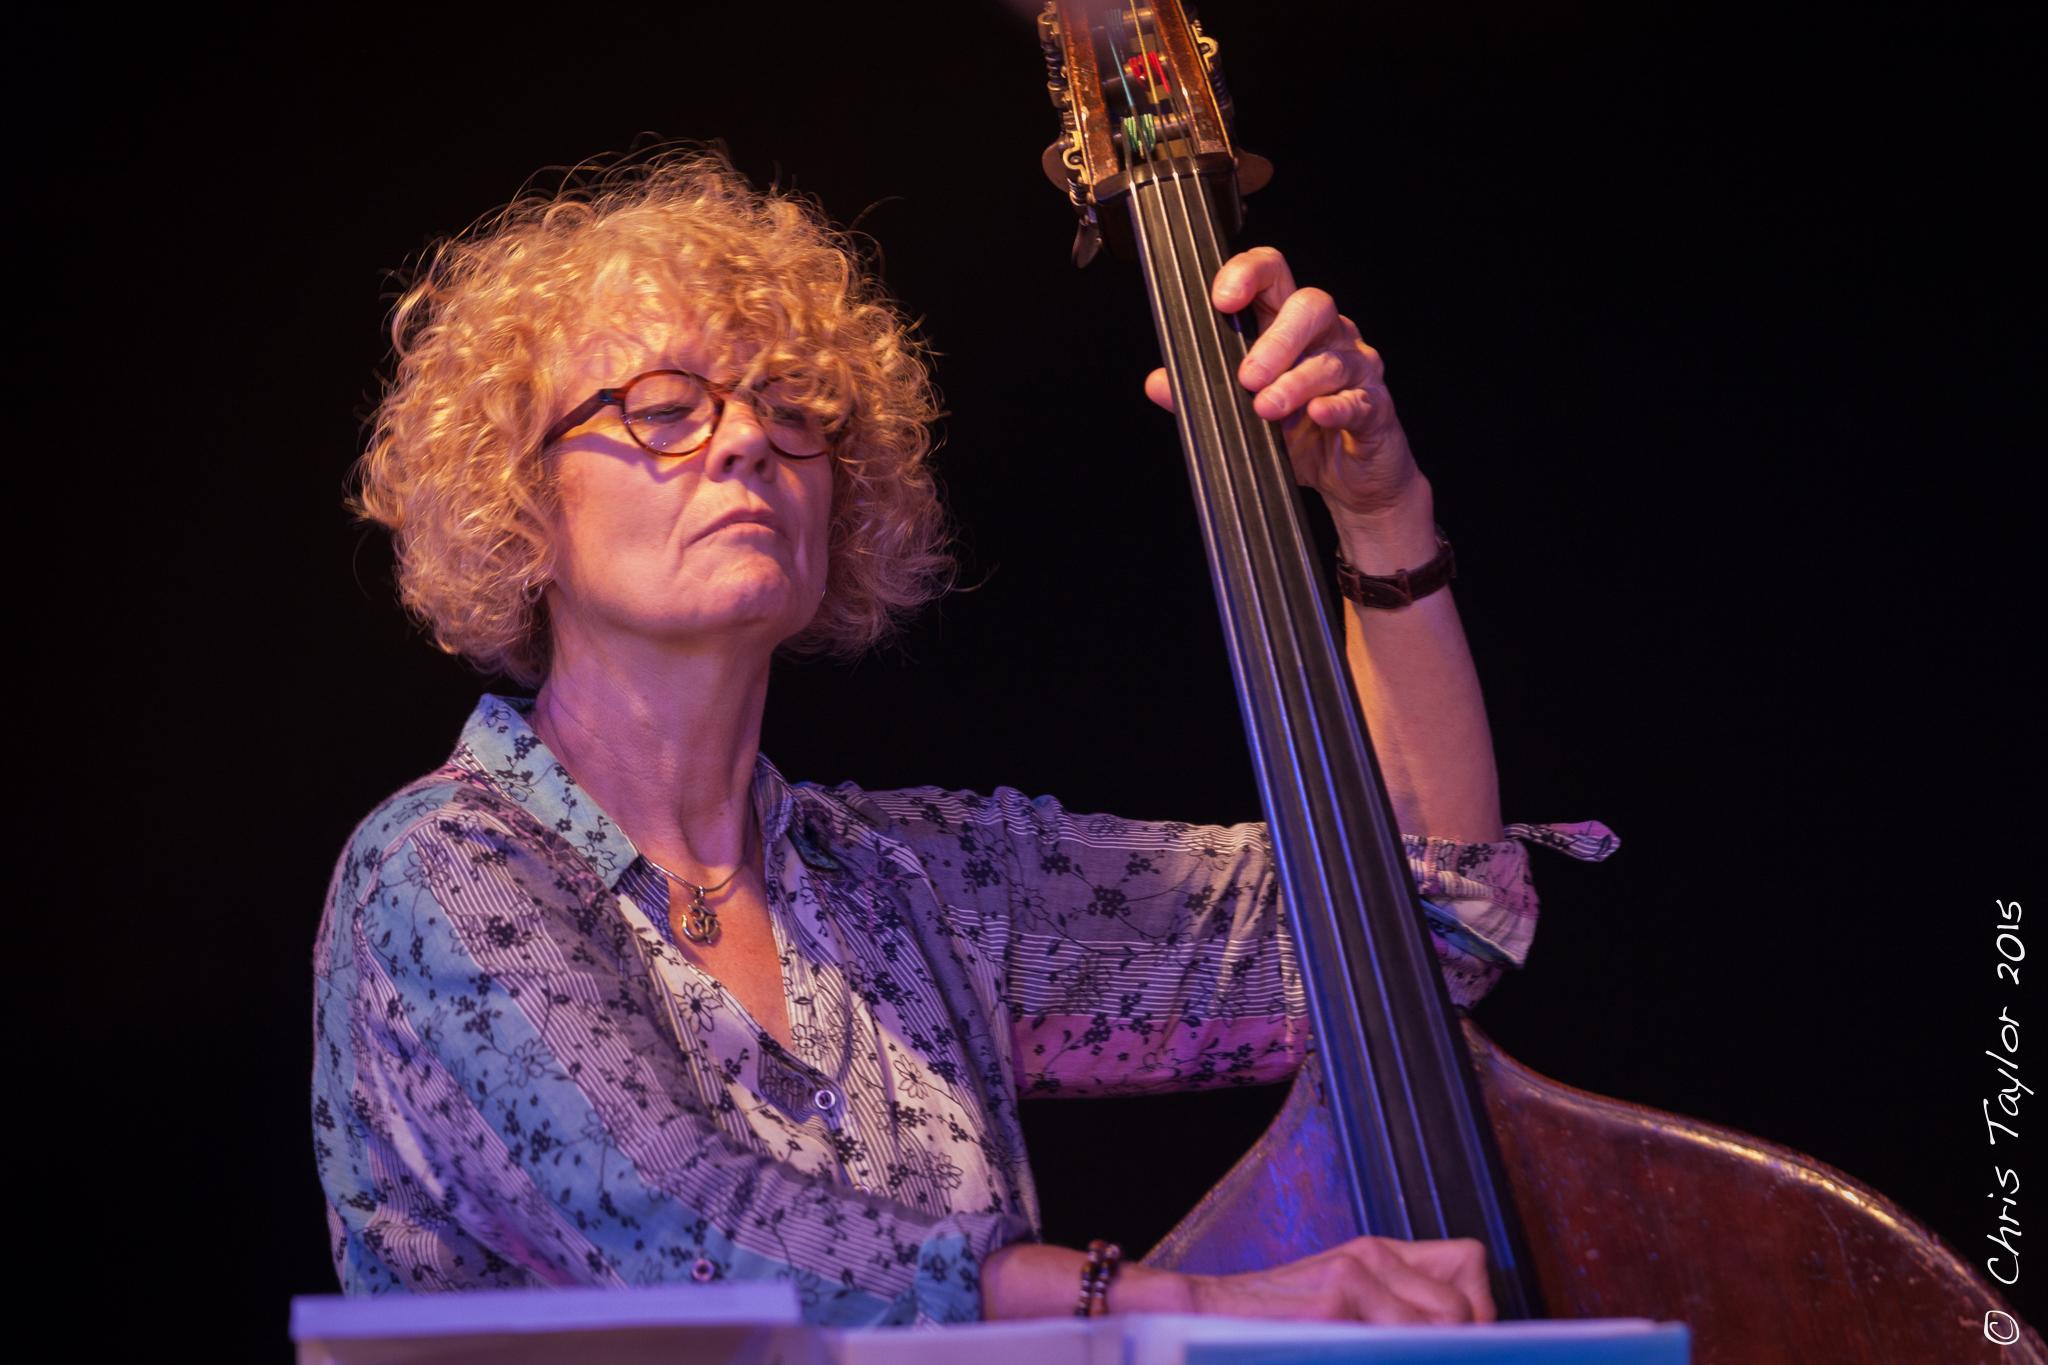 Alison Rayner Ealing Jazz Festival 1st August 2015